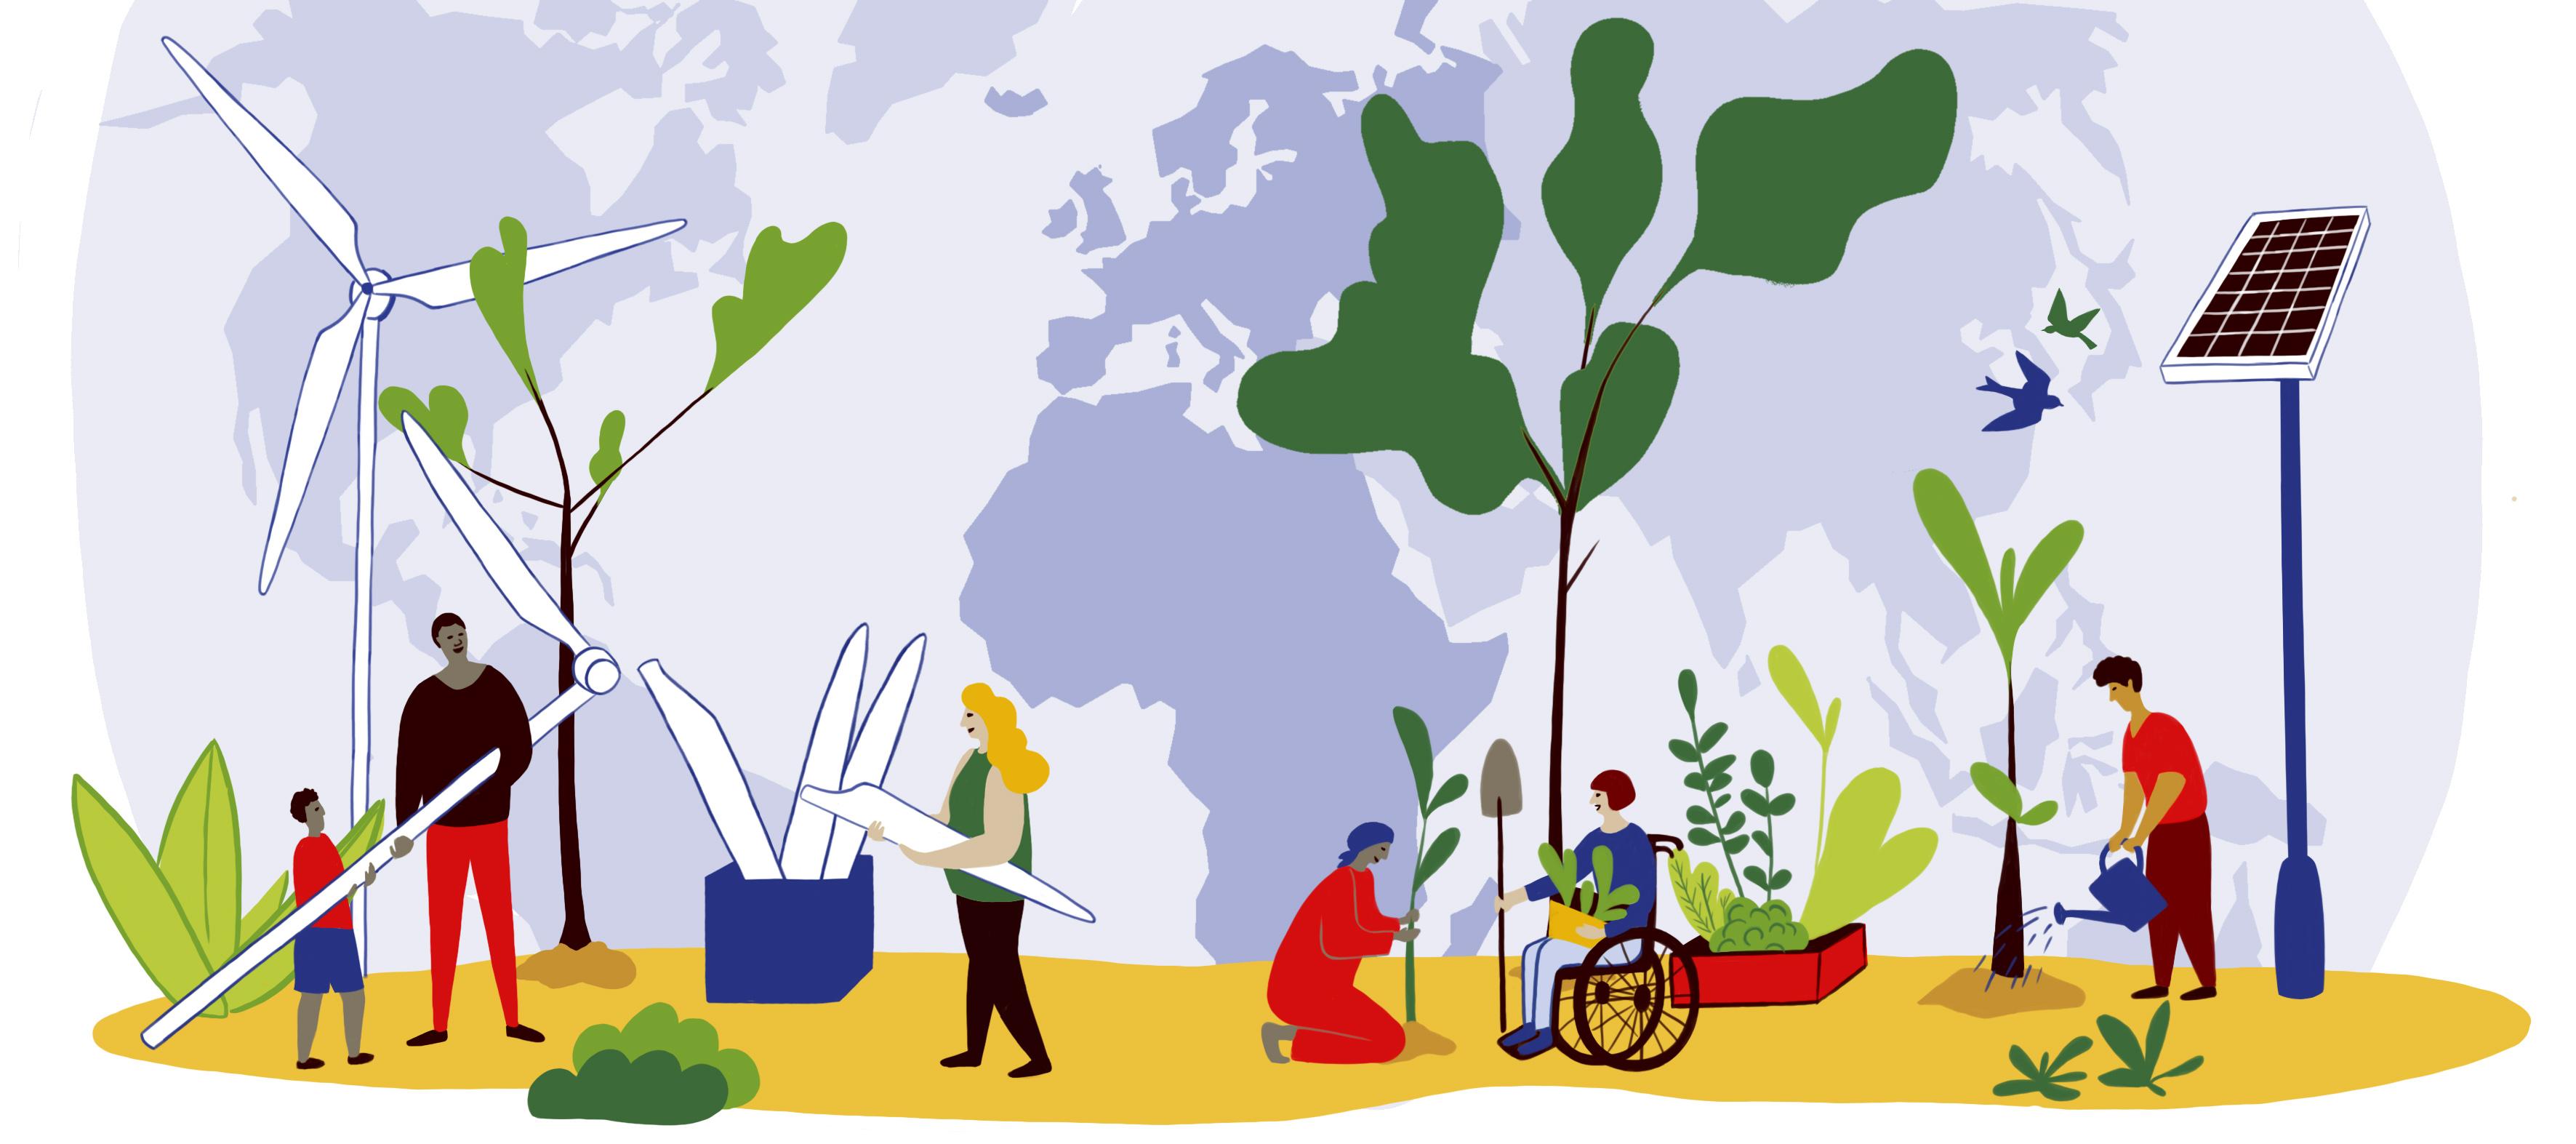 VENRO Klimakonferenz_Keyvisual2